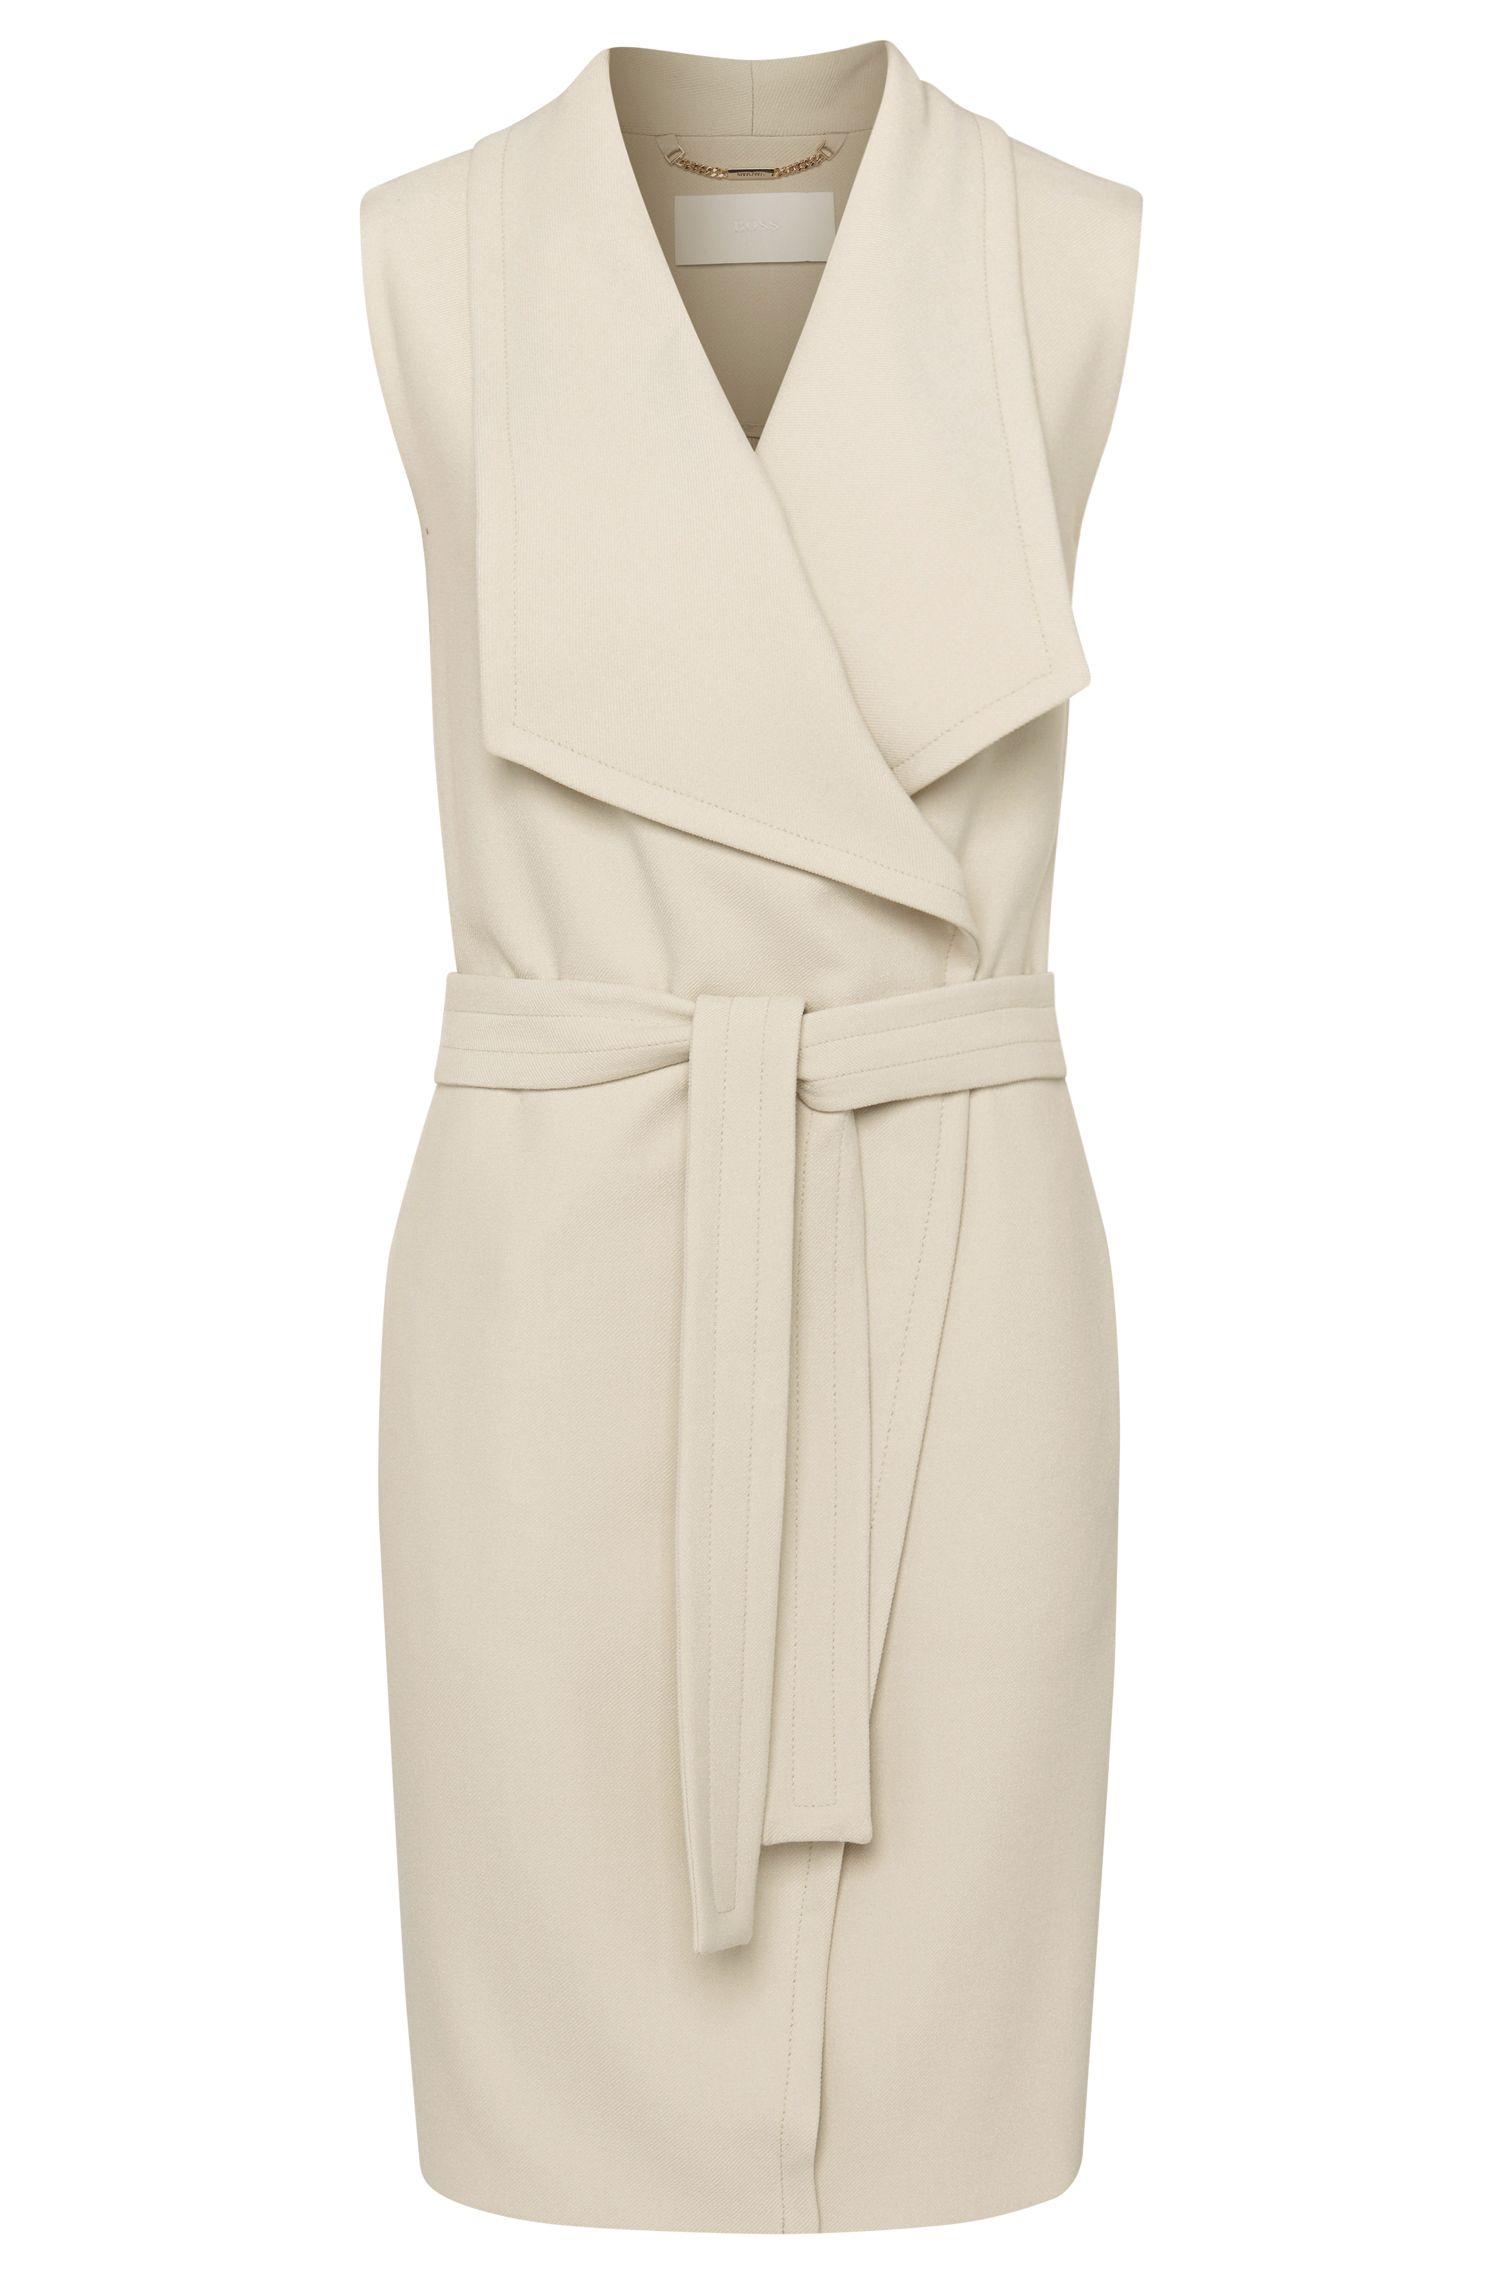 'Kalimi' | Stretch Crepe Belted Vest